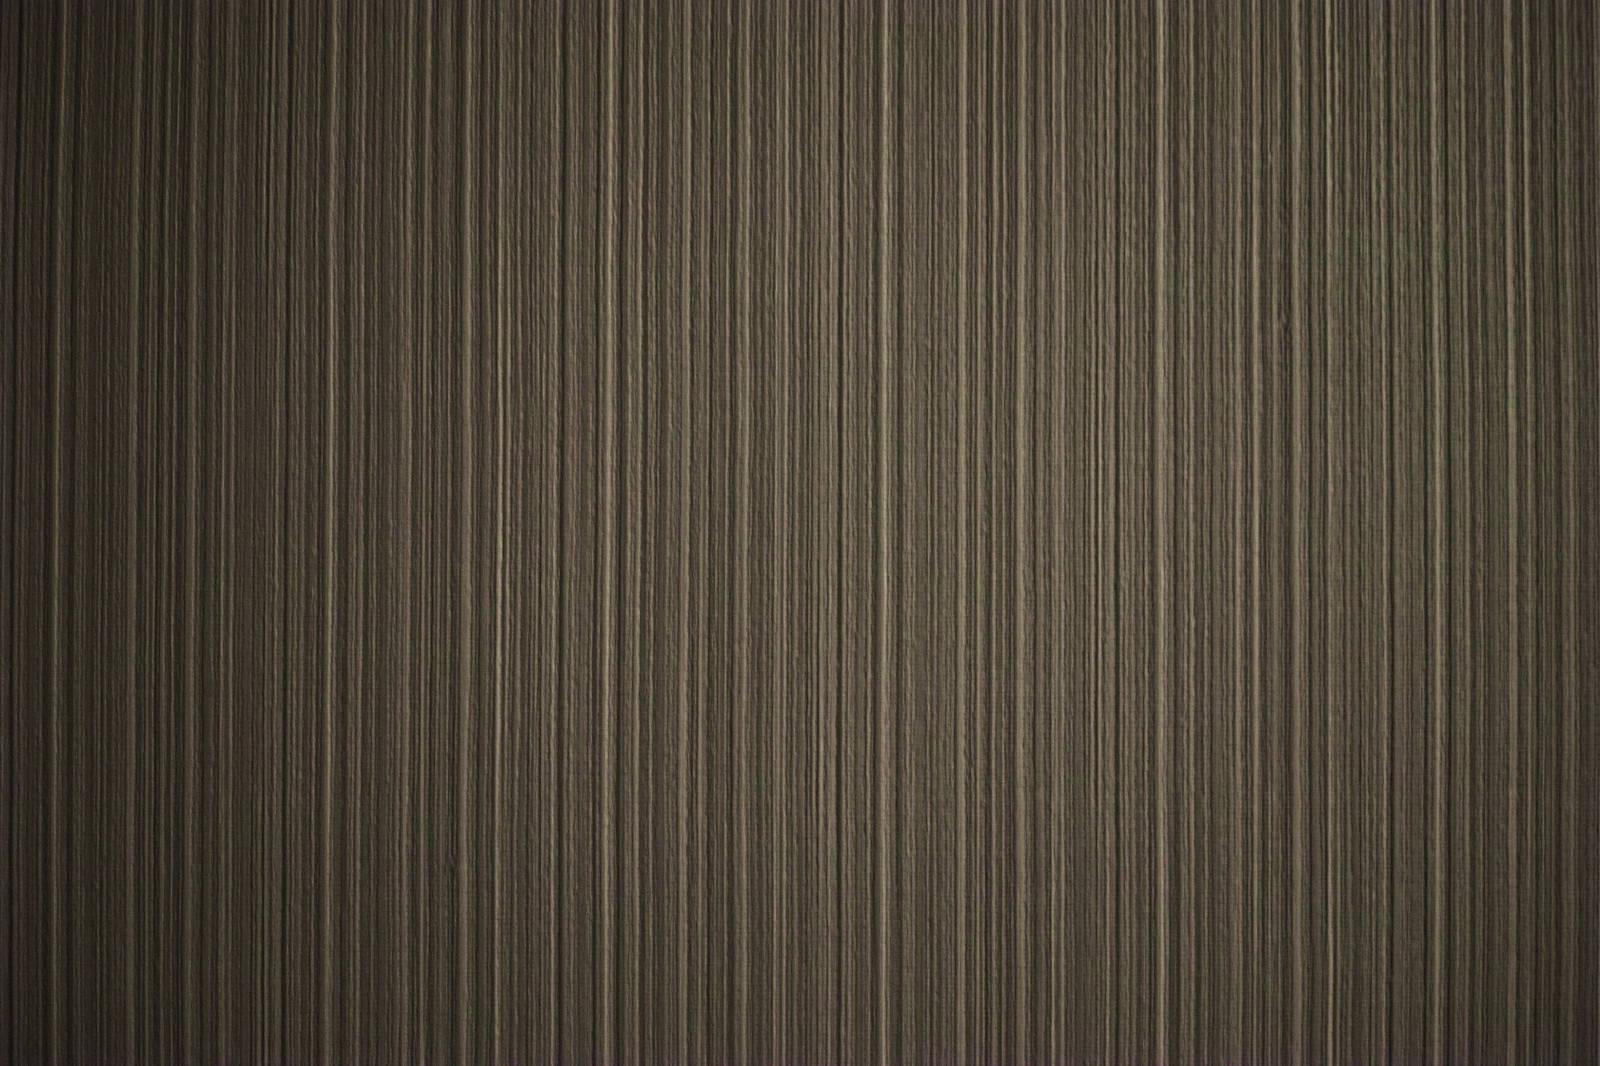 「縦線の布地」の写真